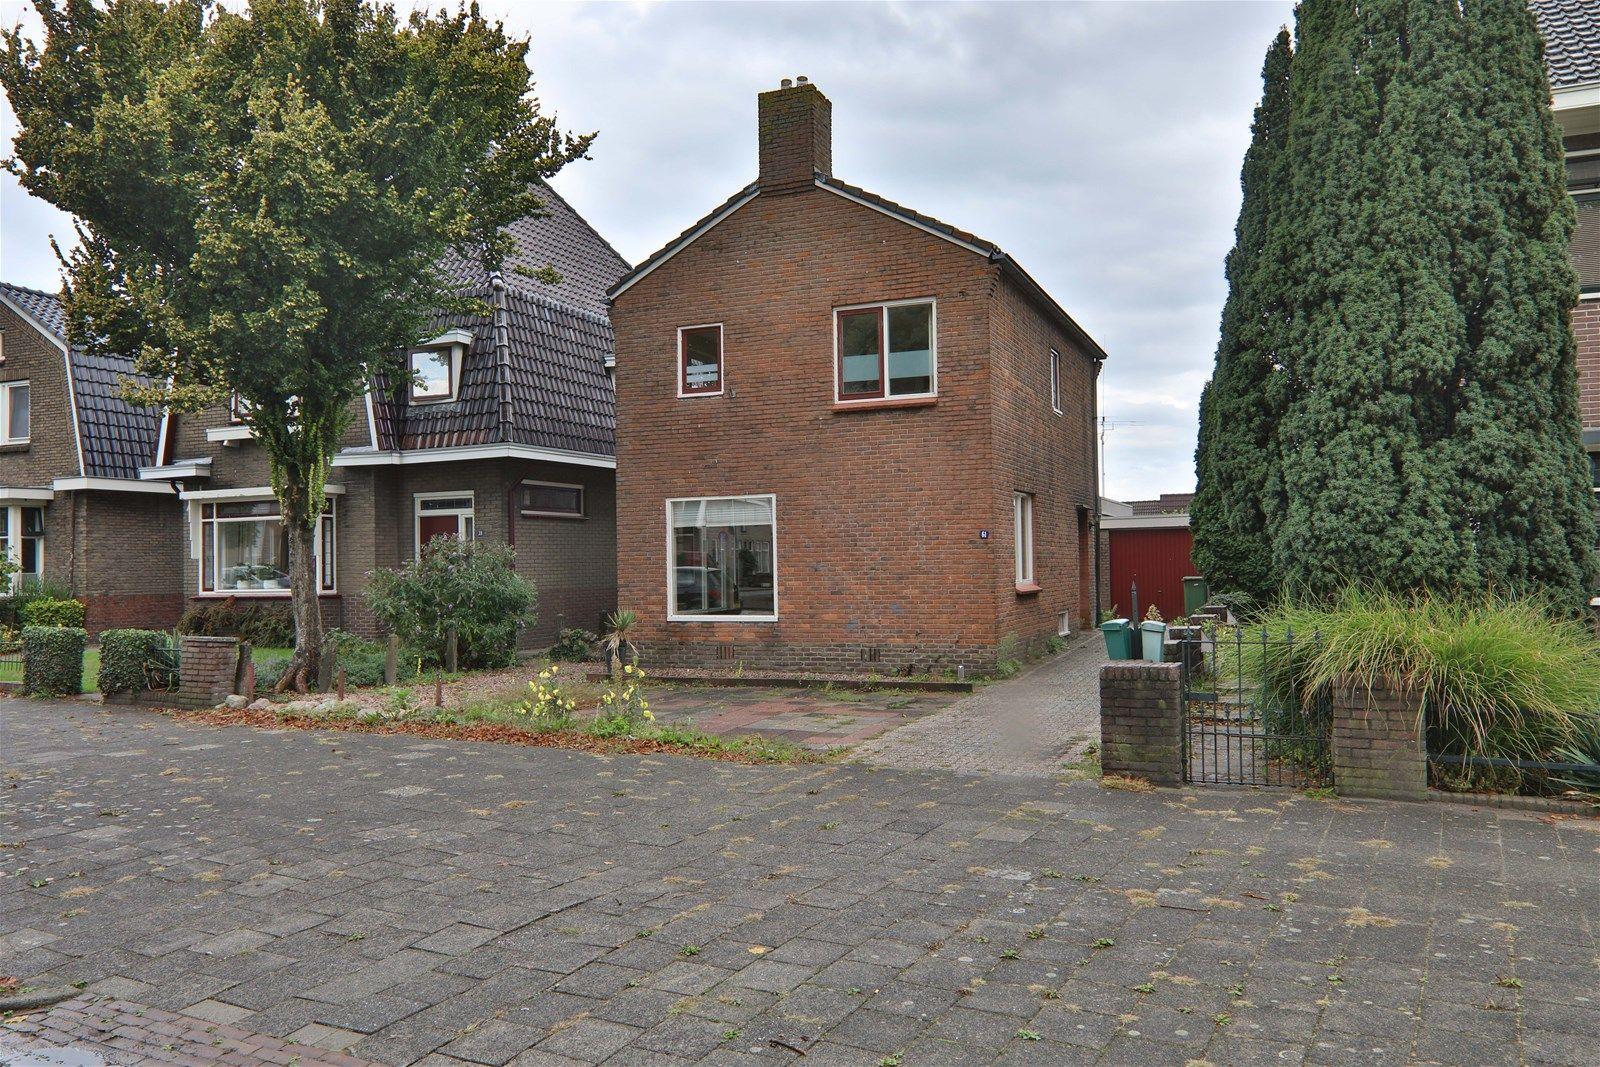 Willemskade 61, Hoogeveen